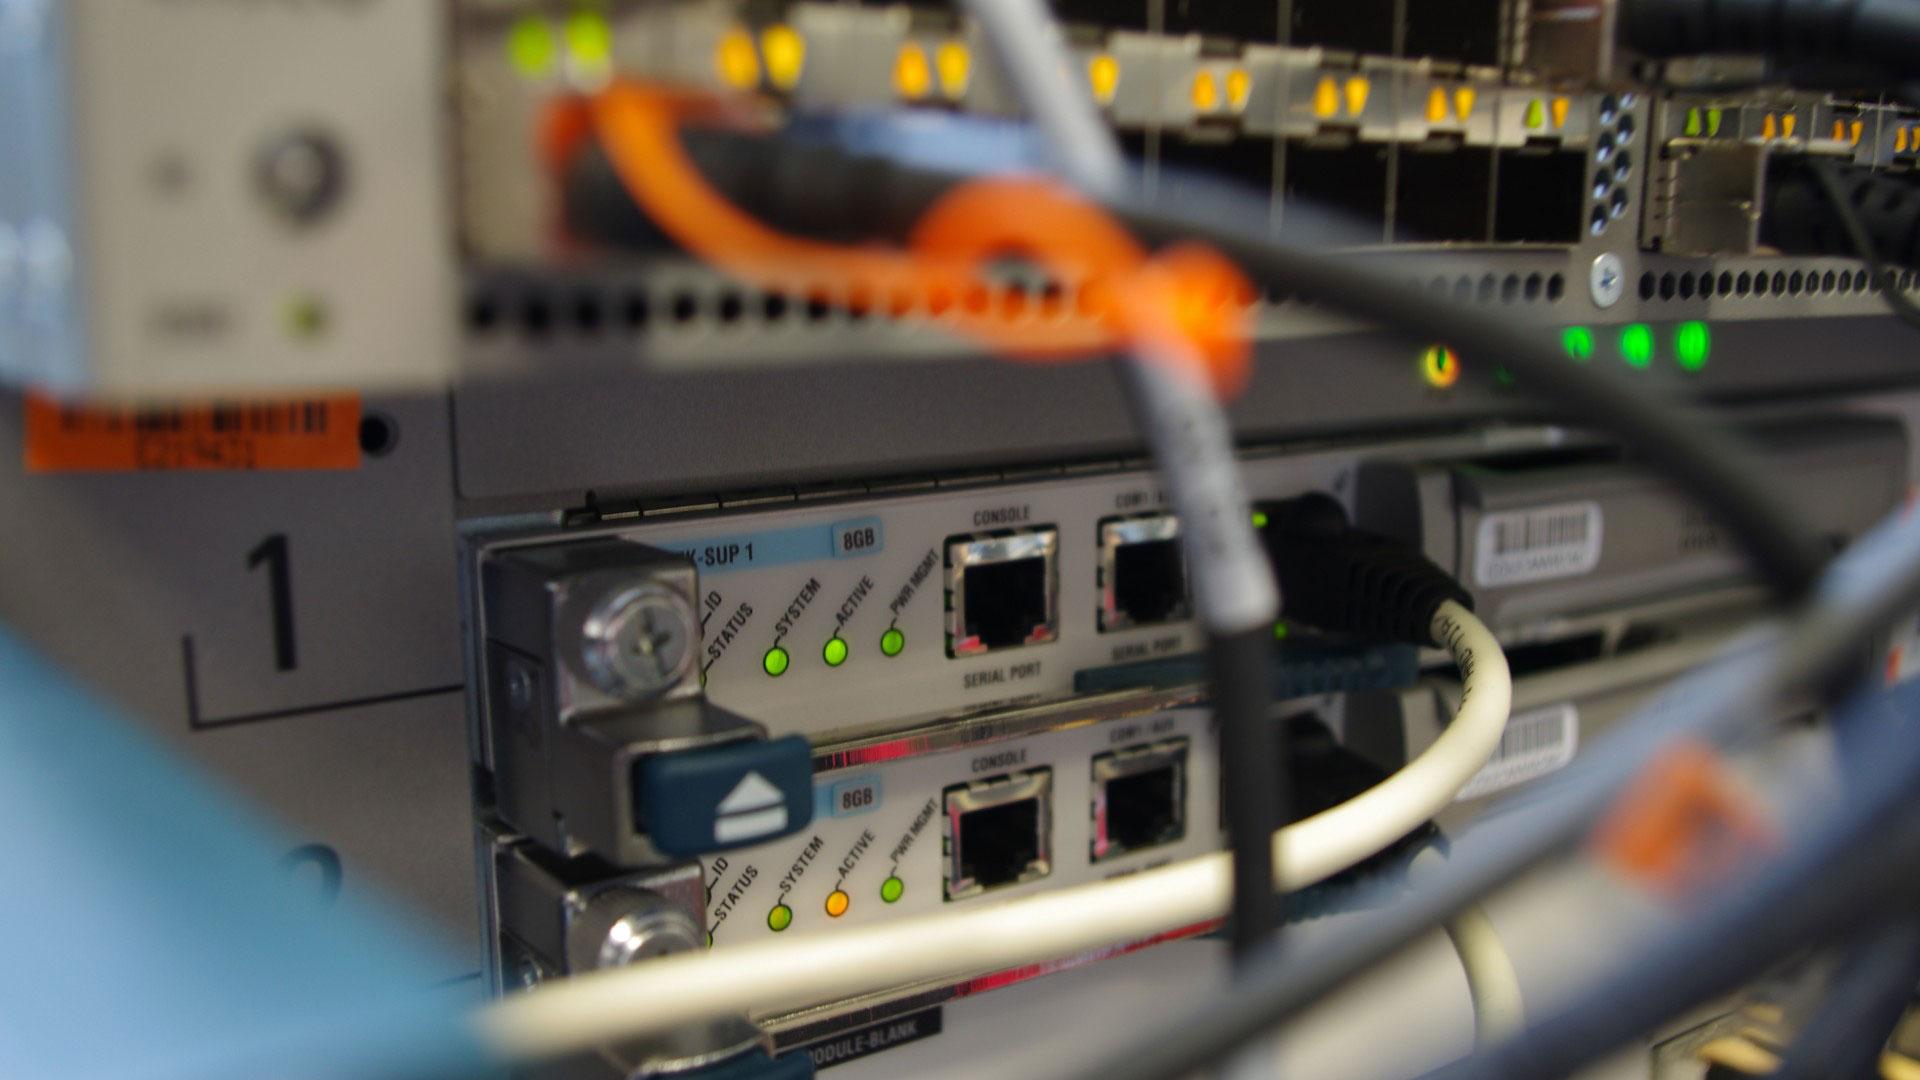 Gestion de réseaux, services informatiques, postes de travail, serveurs, équipements, informatique, imprimantes, câbles, connexions